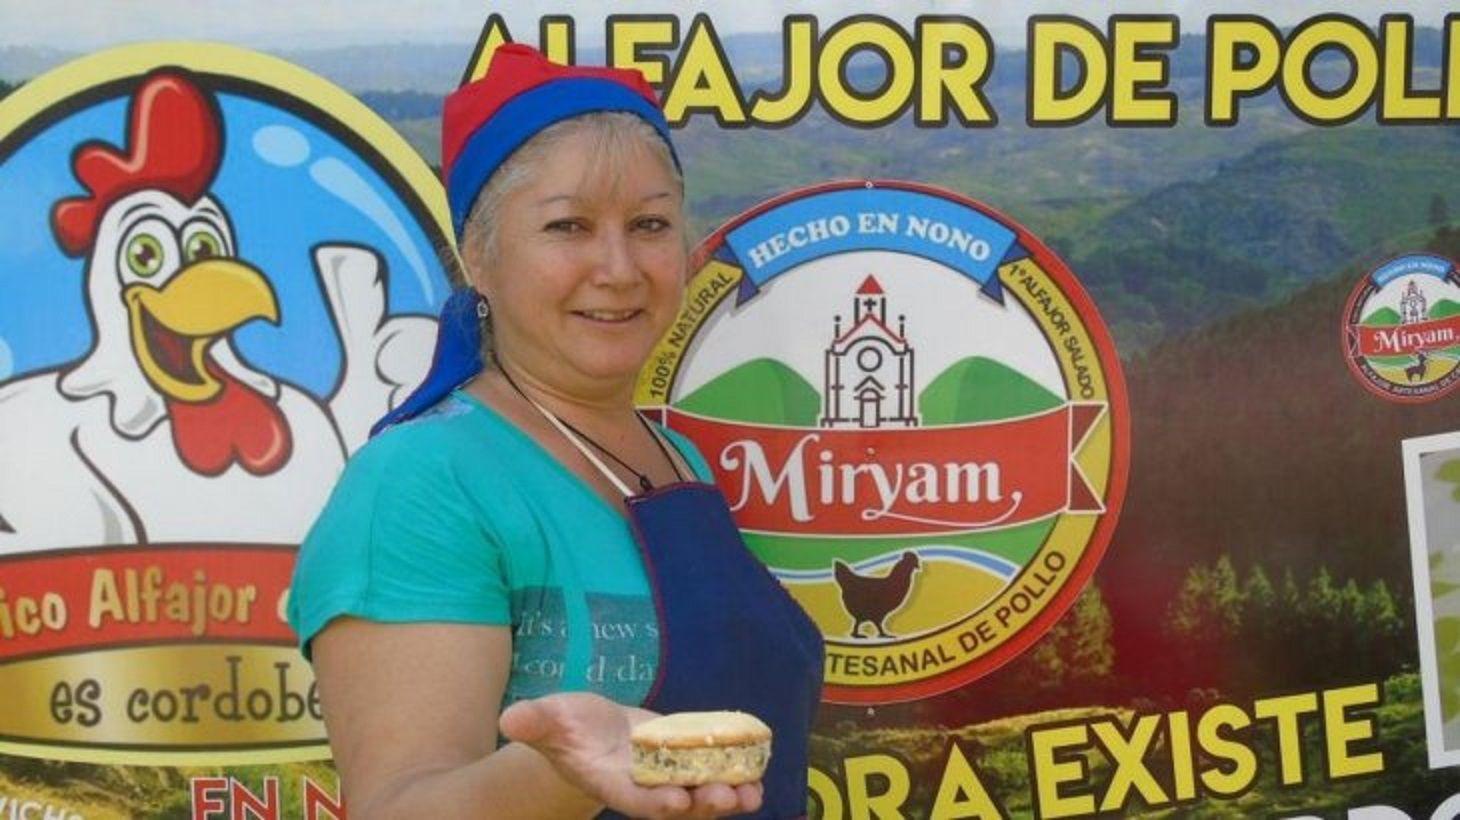 Myriam creadora del alfajor de pollo.